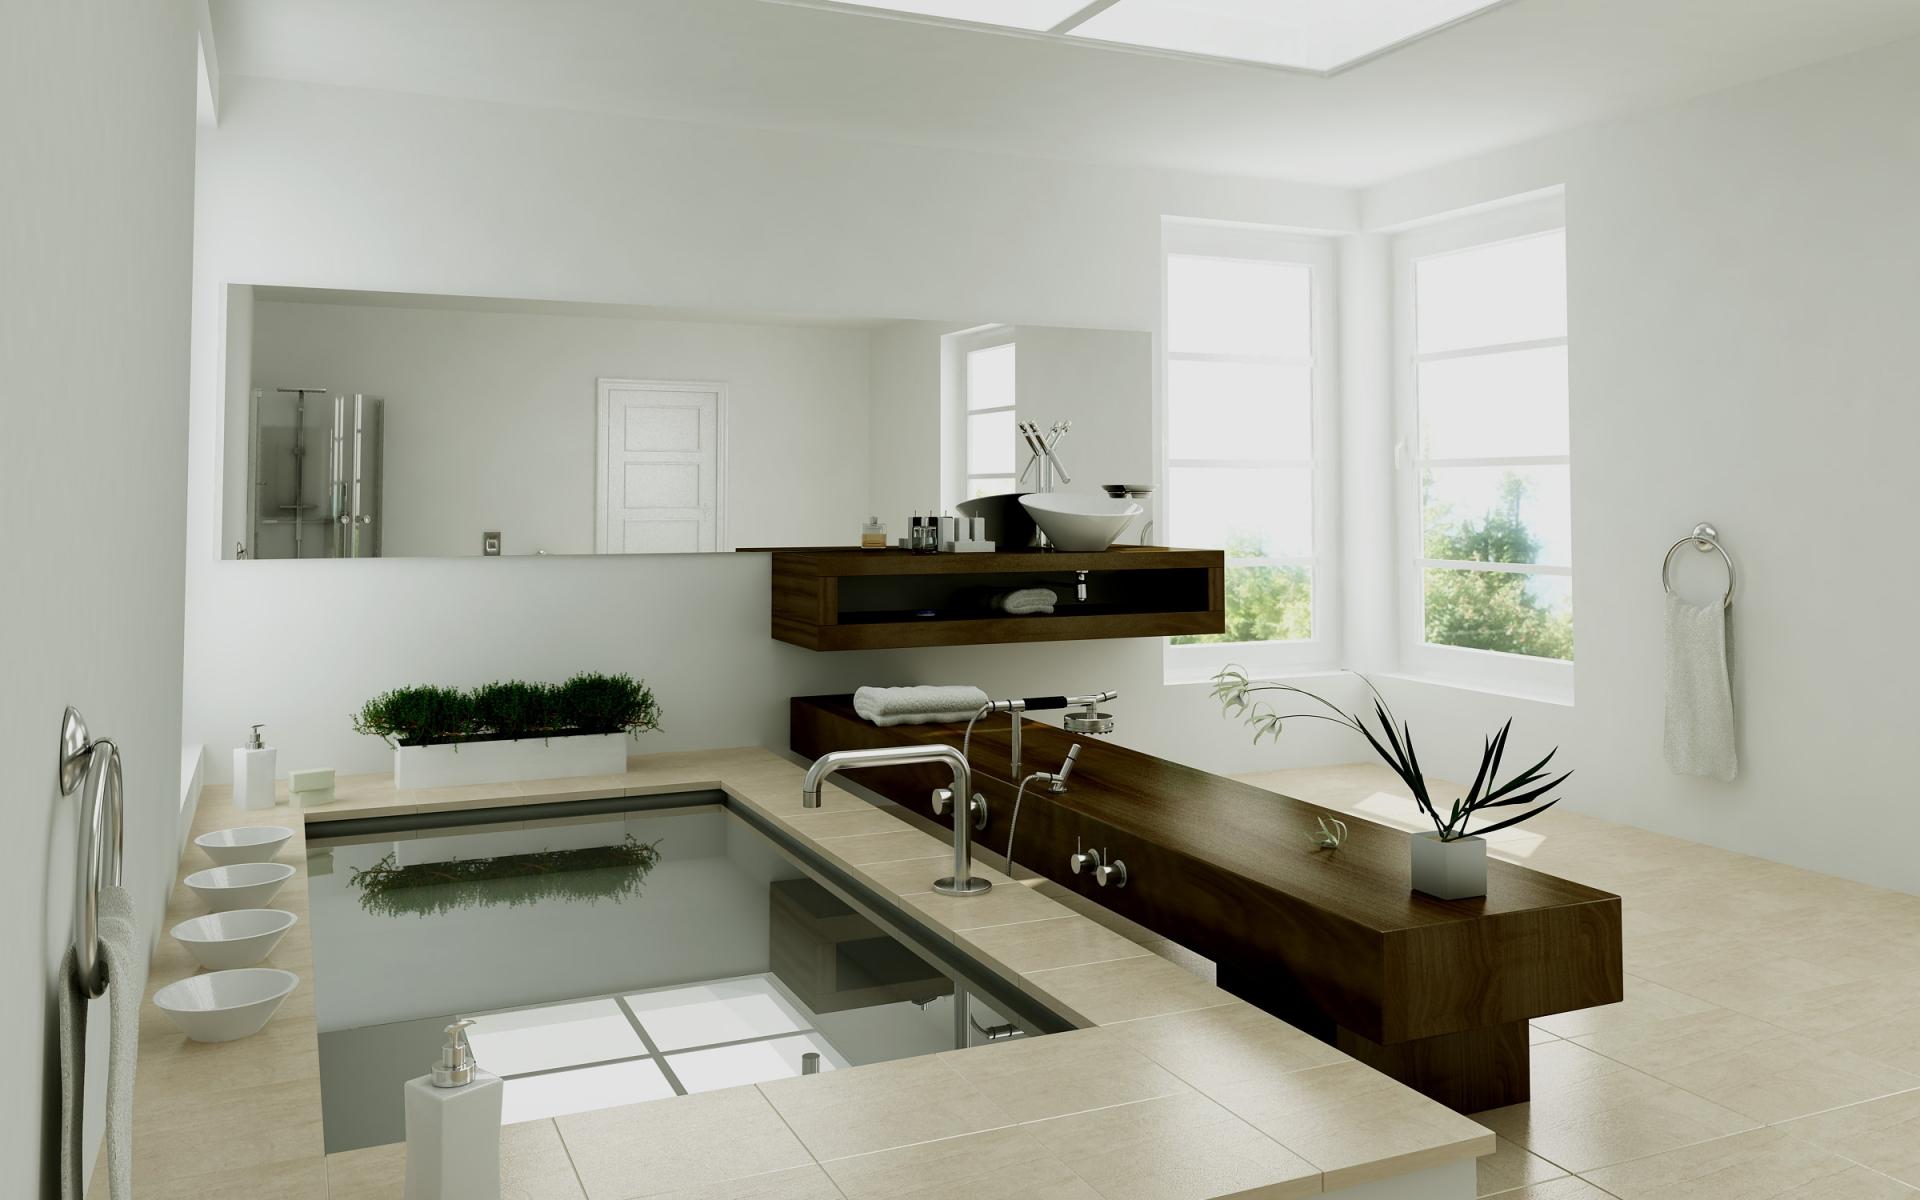 Diseño interior de un baño - 1920x1200